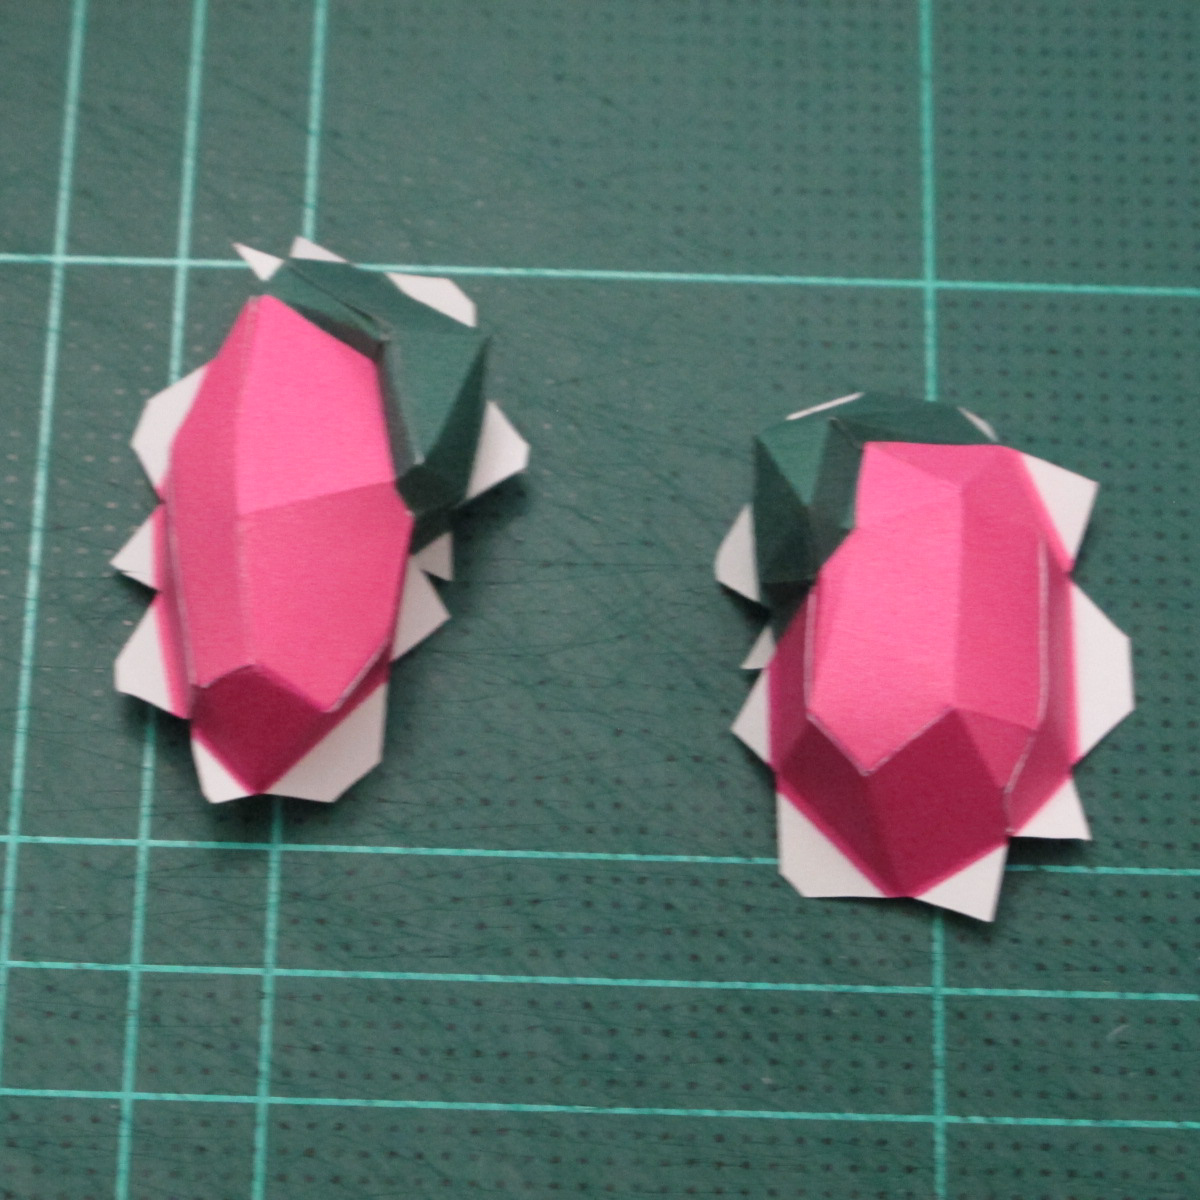 วิธีทำโมเดลกระดาษตุ้กตาคุกกี้รัน คุกกี้รสสตอเบอรี่ (LINE Cookie Run Strawberry Cookie Papercraft Model) 011